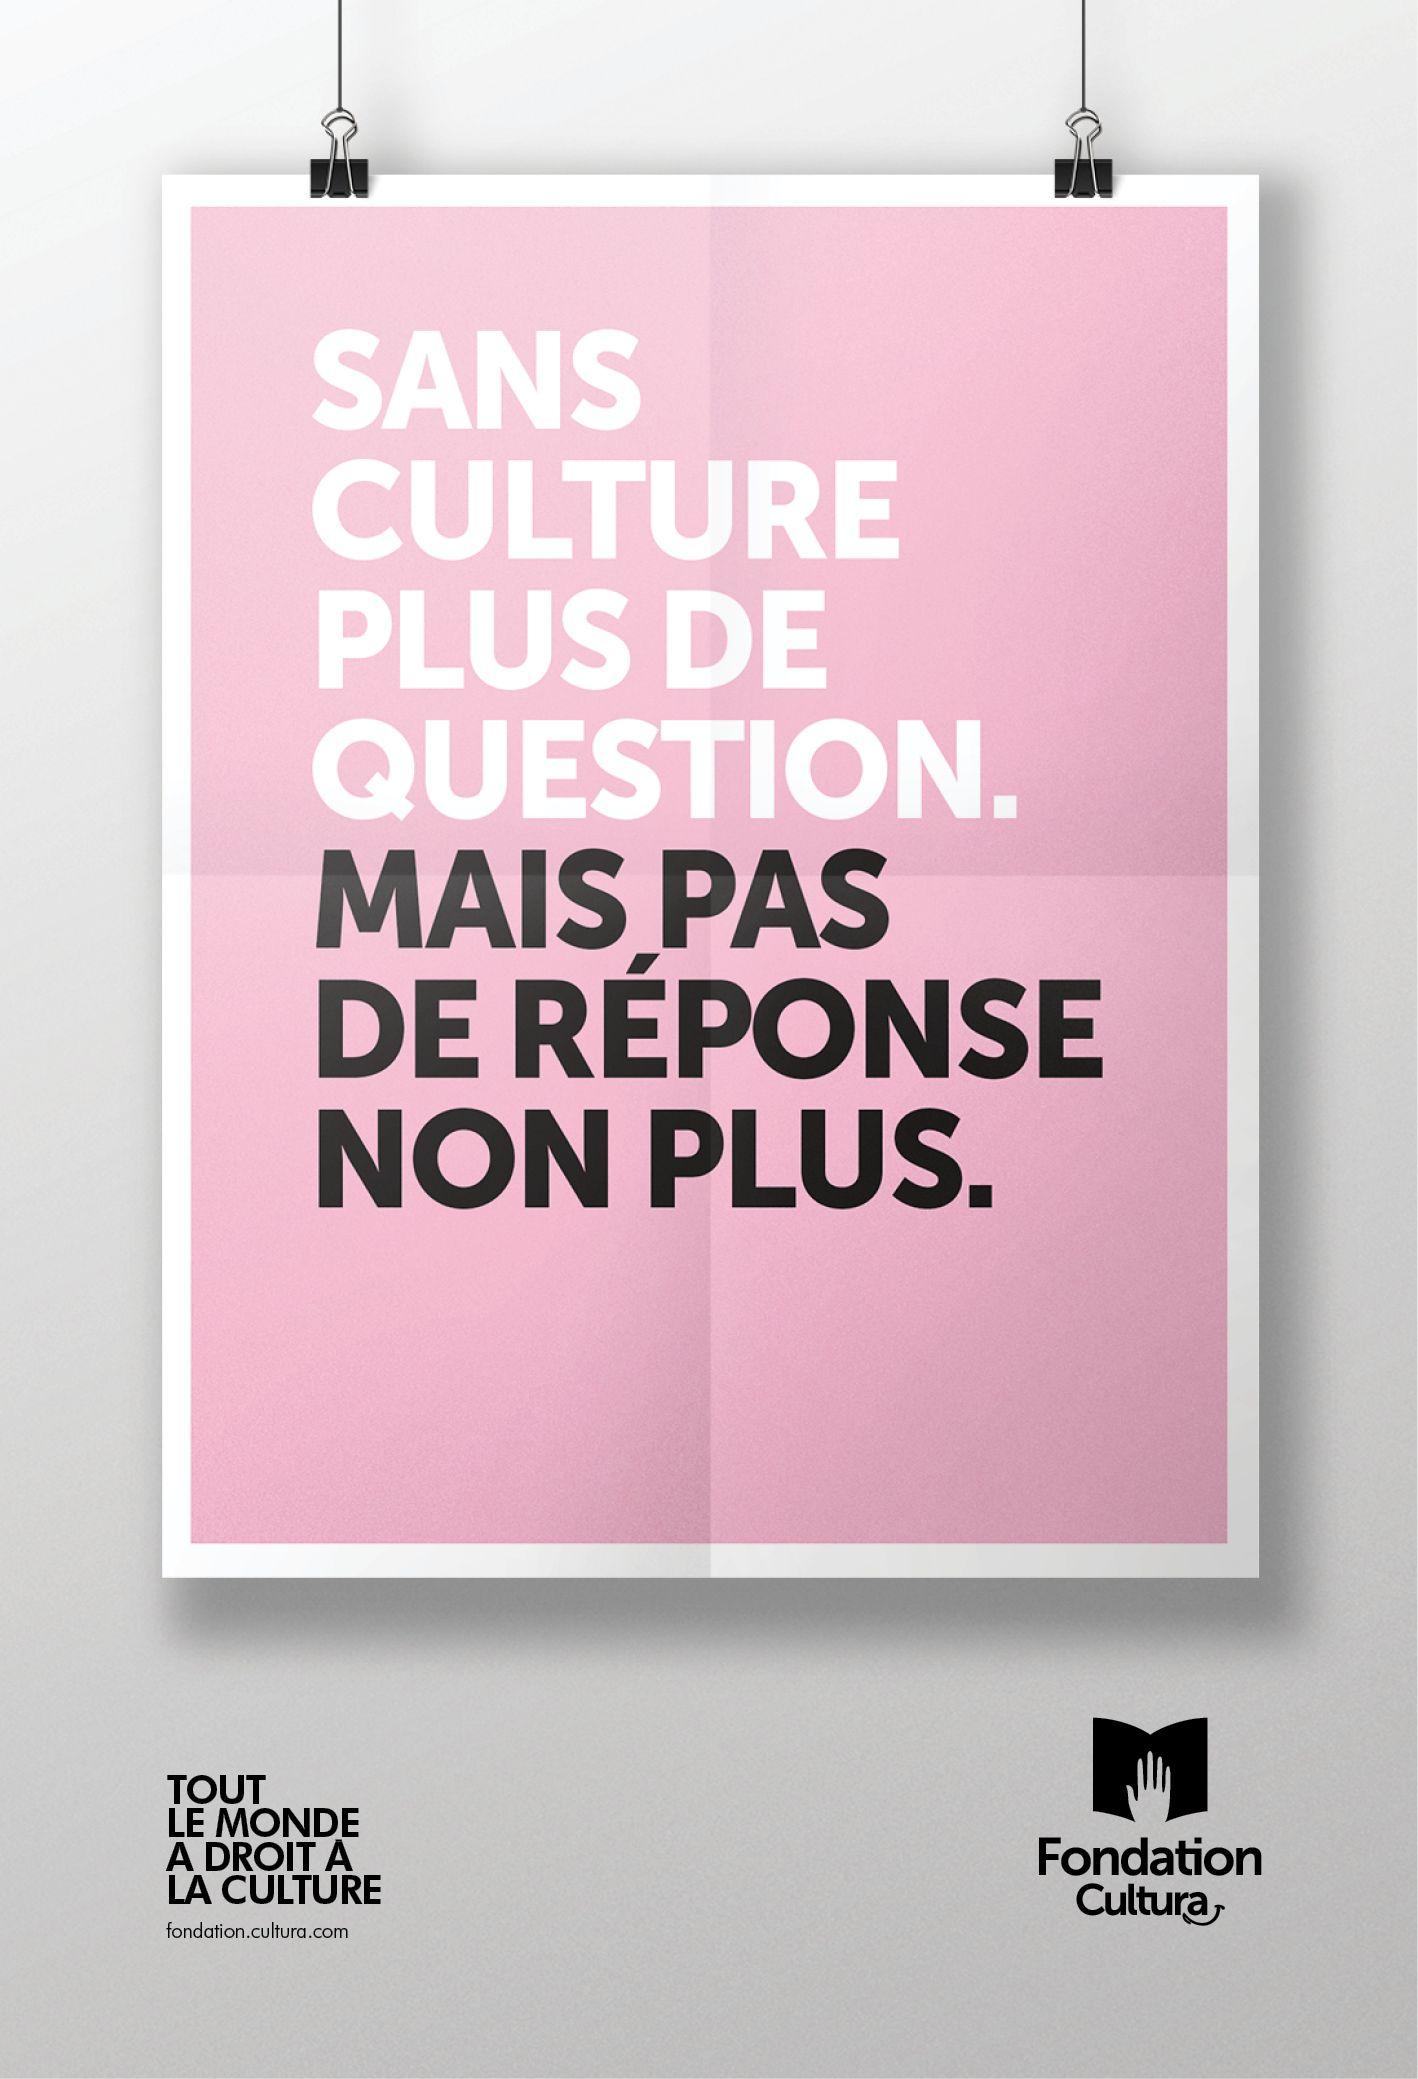 Fondation Cultura Affiche Publicite Campagne Publicitaire